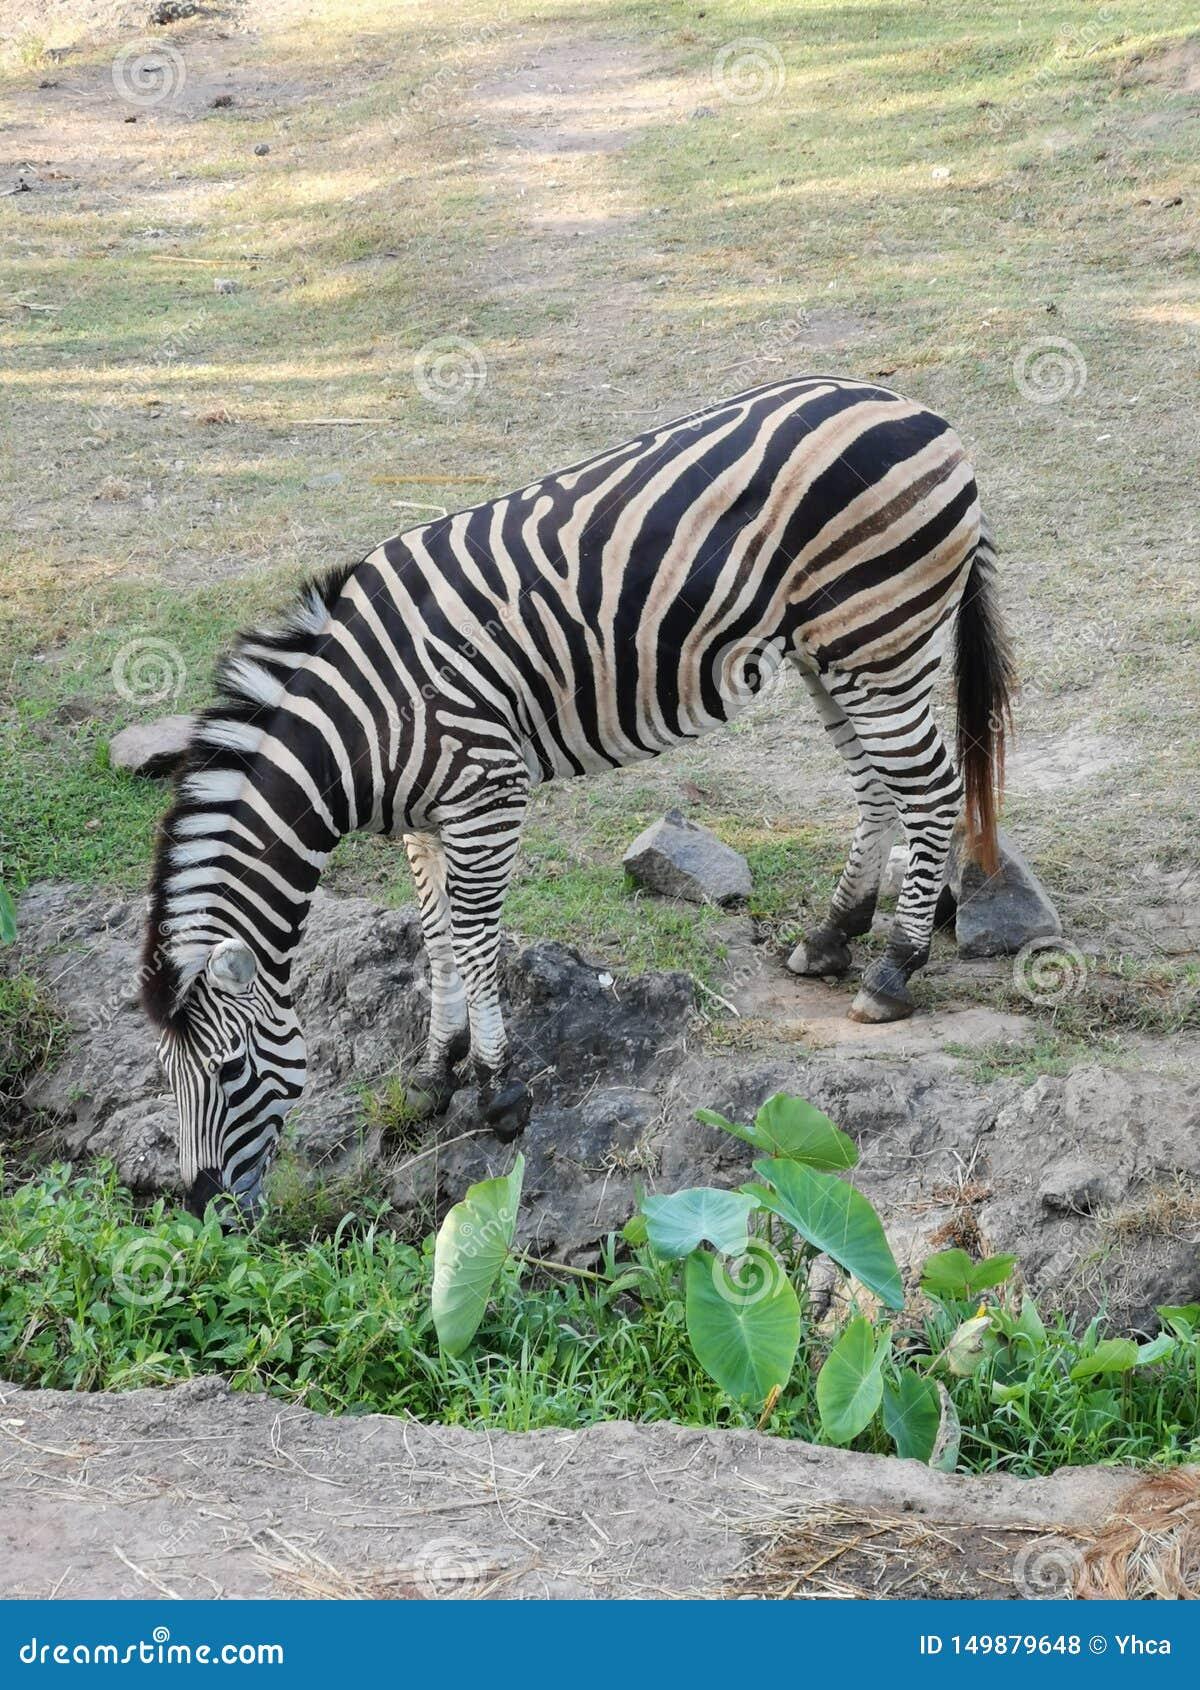 Zebra drinking water in the field